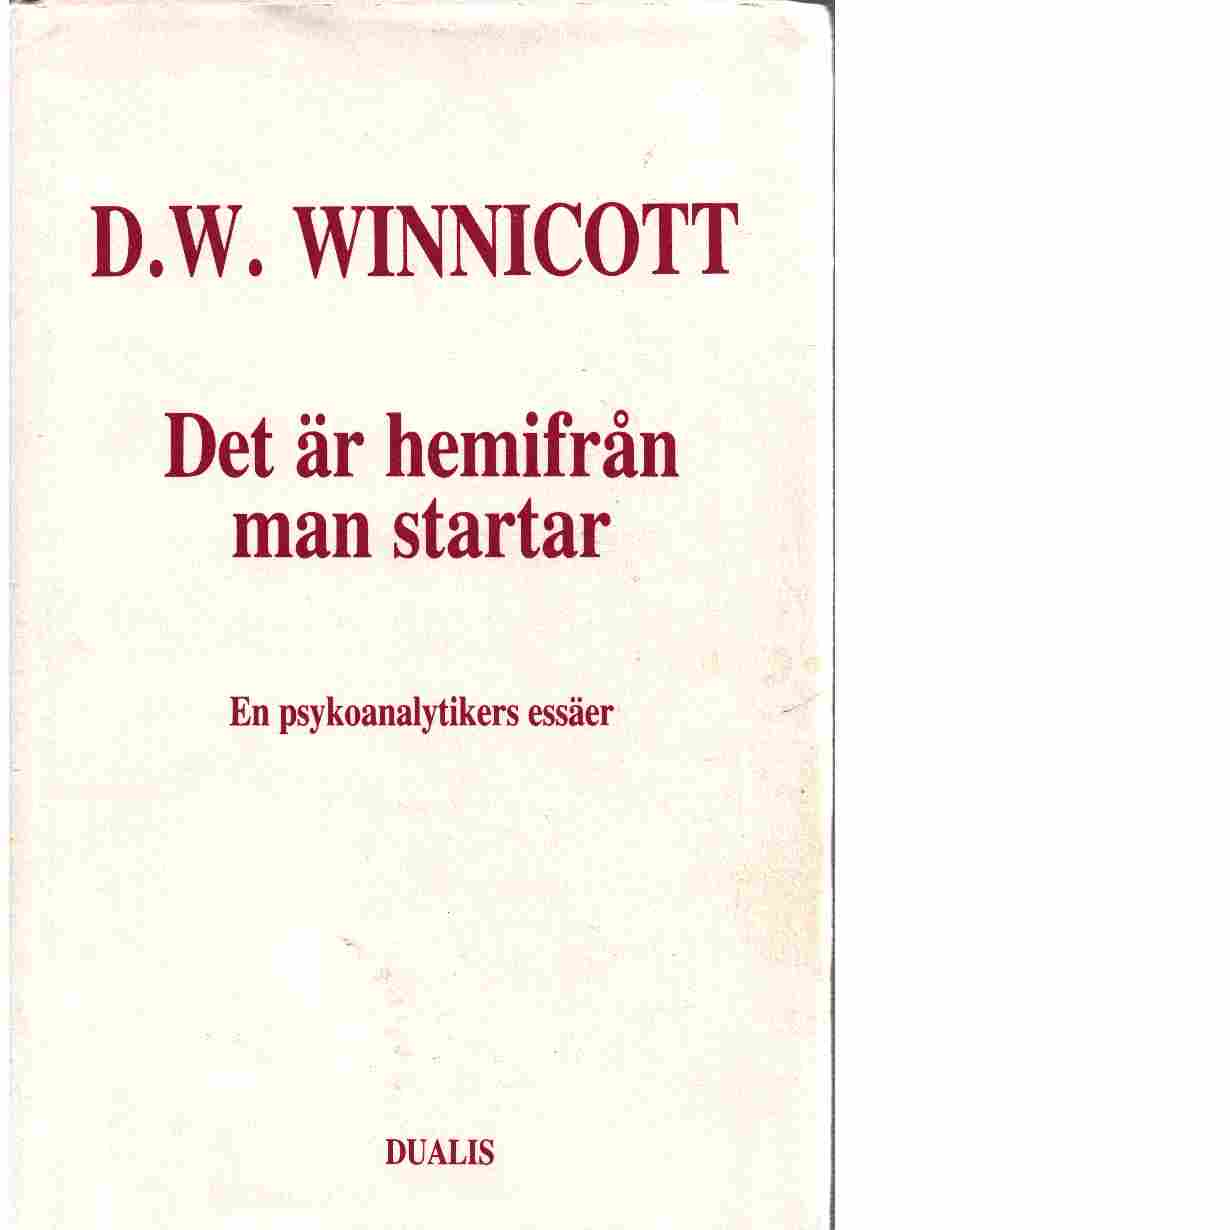 Det är hemifrån man startar : en psykoanalytikers essäer - Winnicott, Donald Woods